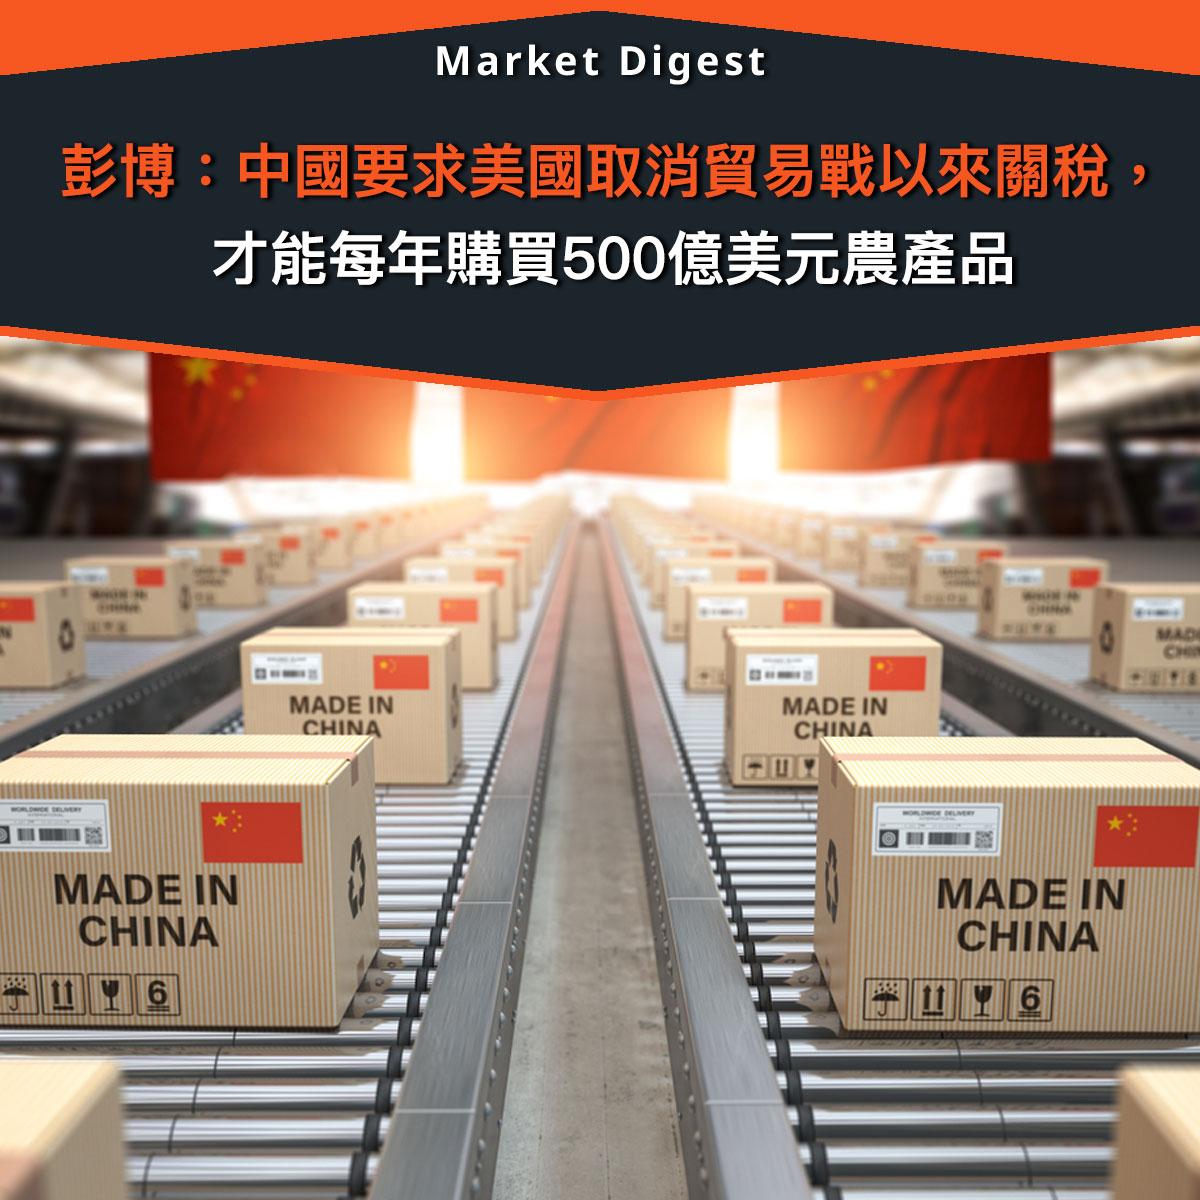 【中美貿易戰】彭博:中國要求美國取消貿易戰以來關稅,才能每年購買500億美元農產品